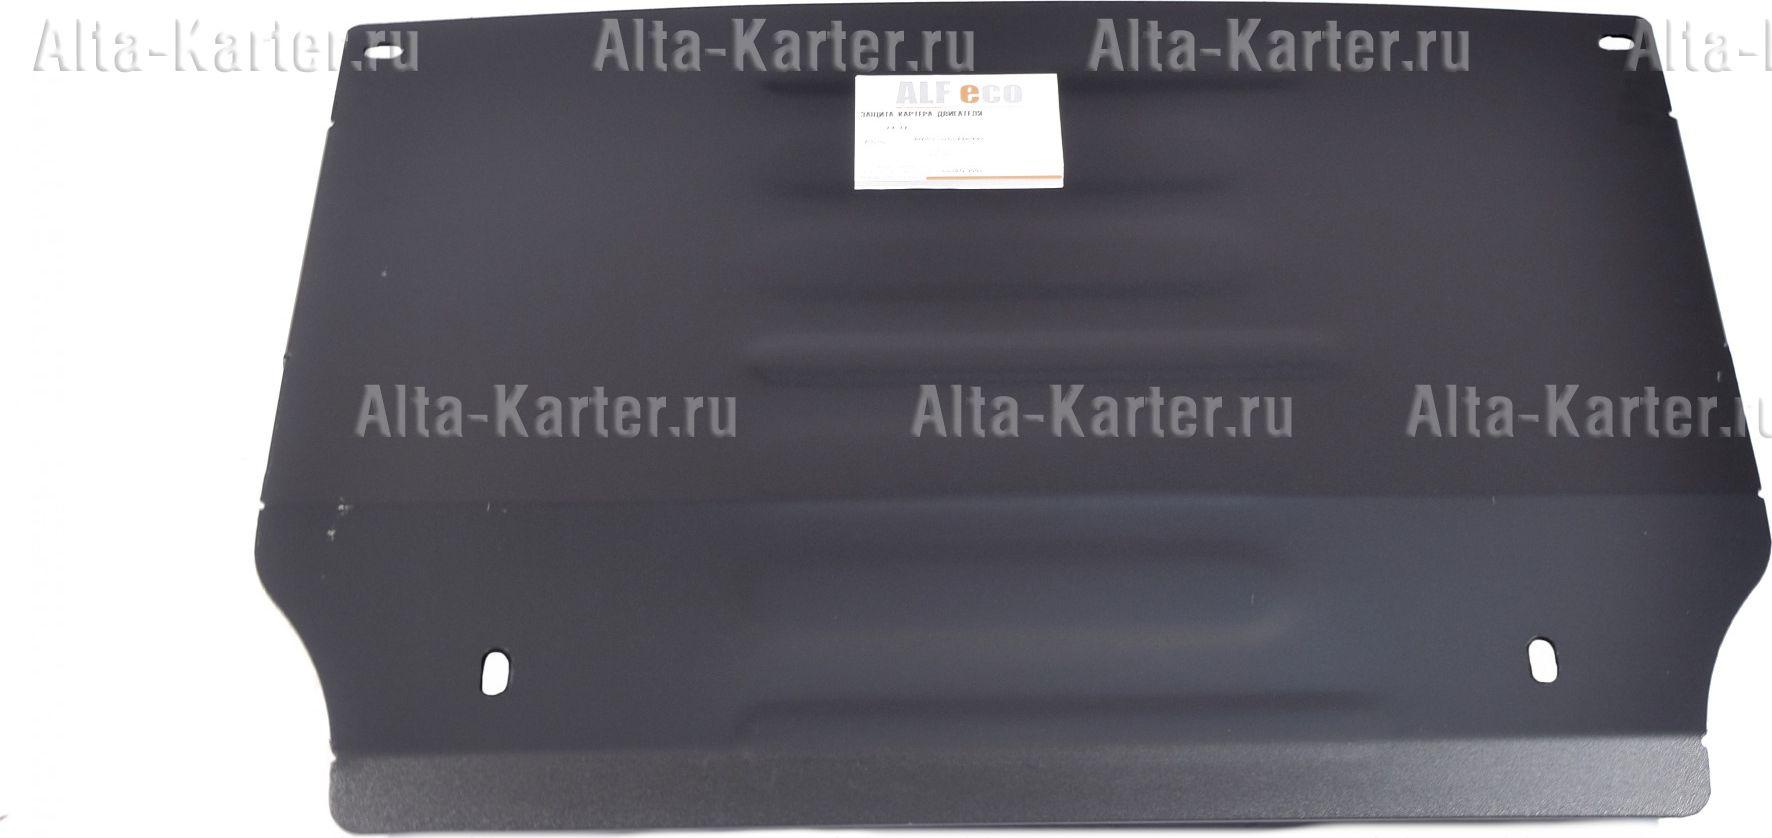 Защита Alfeco для картера и КПП BMW 5-й серии F10, F07 2010-2017. Артикул ALF.34.31